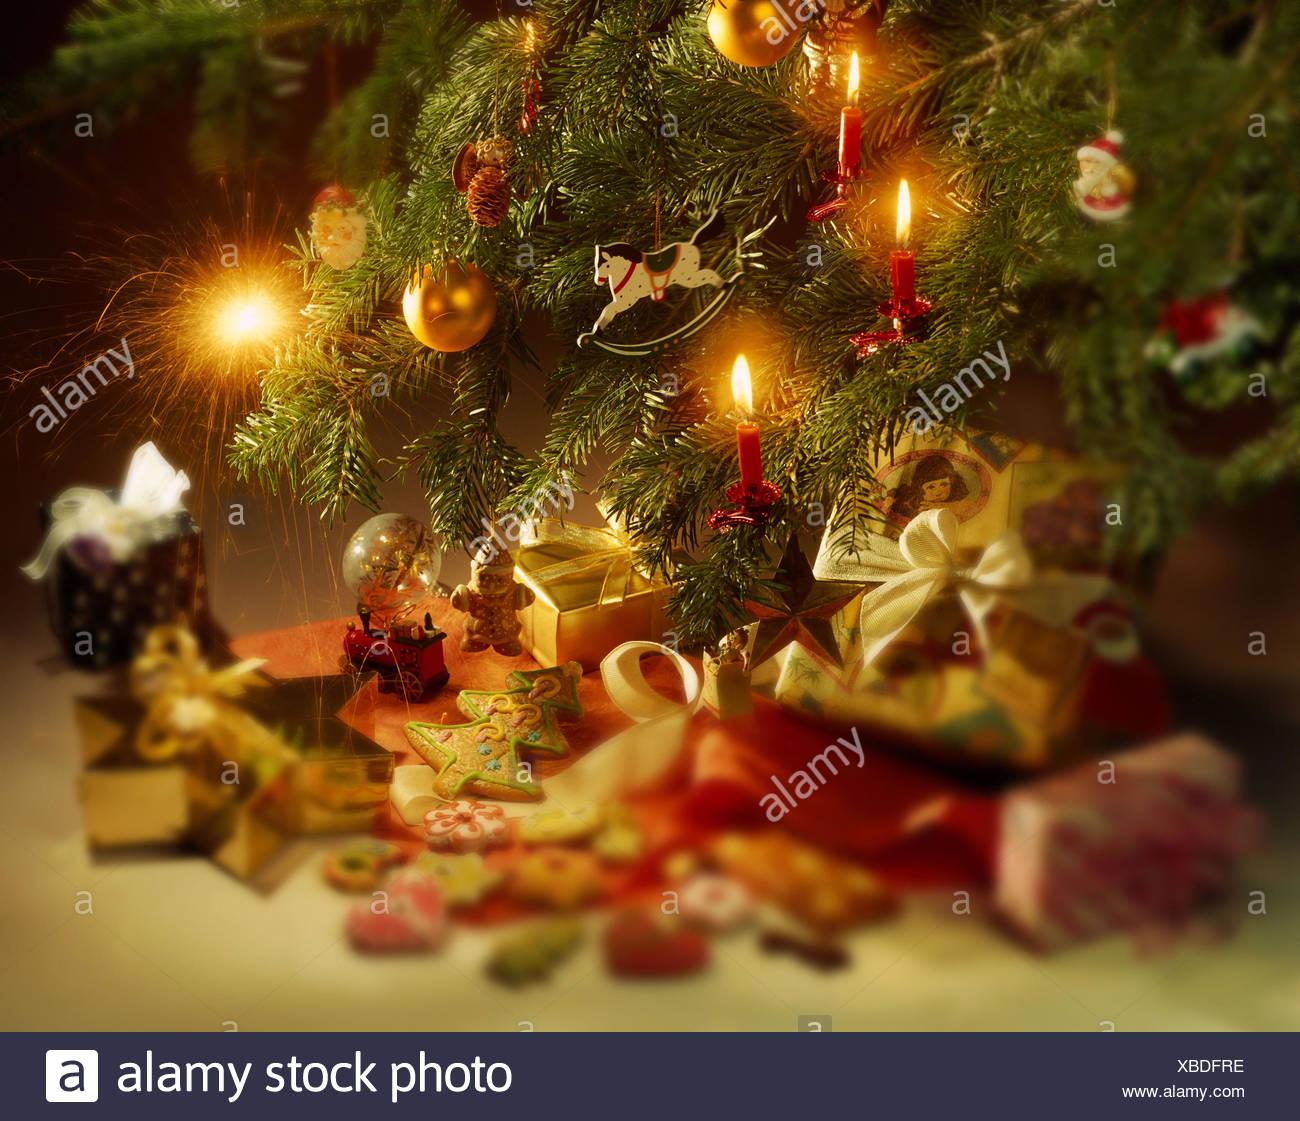 Biscotti Decorati Per Albero Di Natale.Albero Di Natale Dettaglio Presenta Biscotti Sfocatura Albero Di